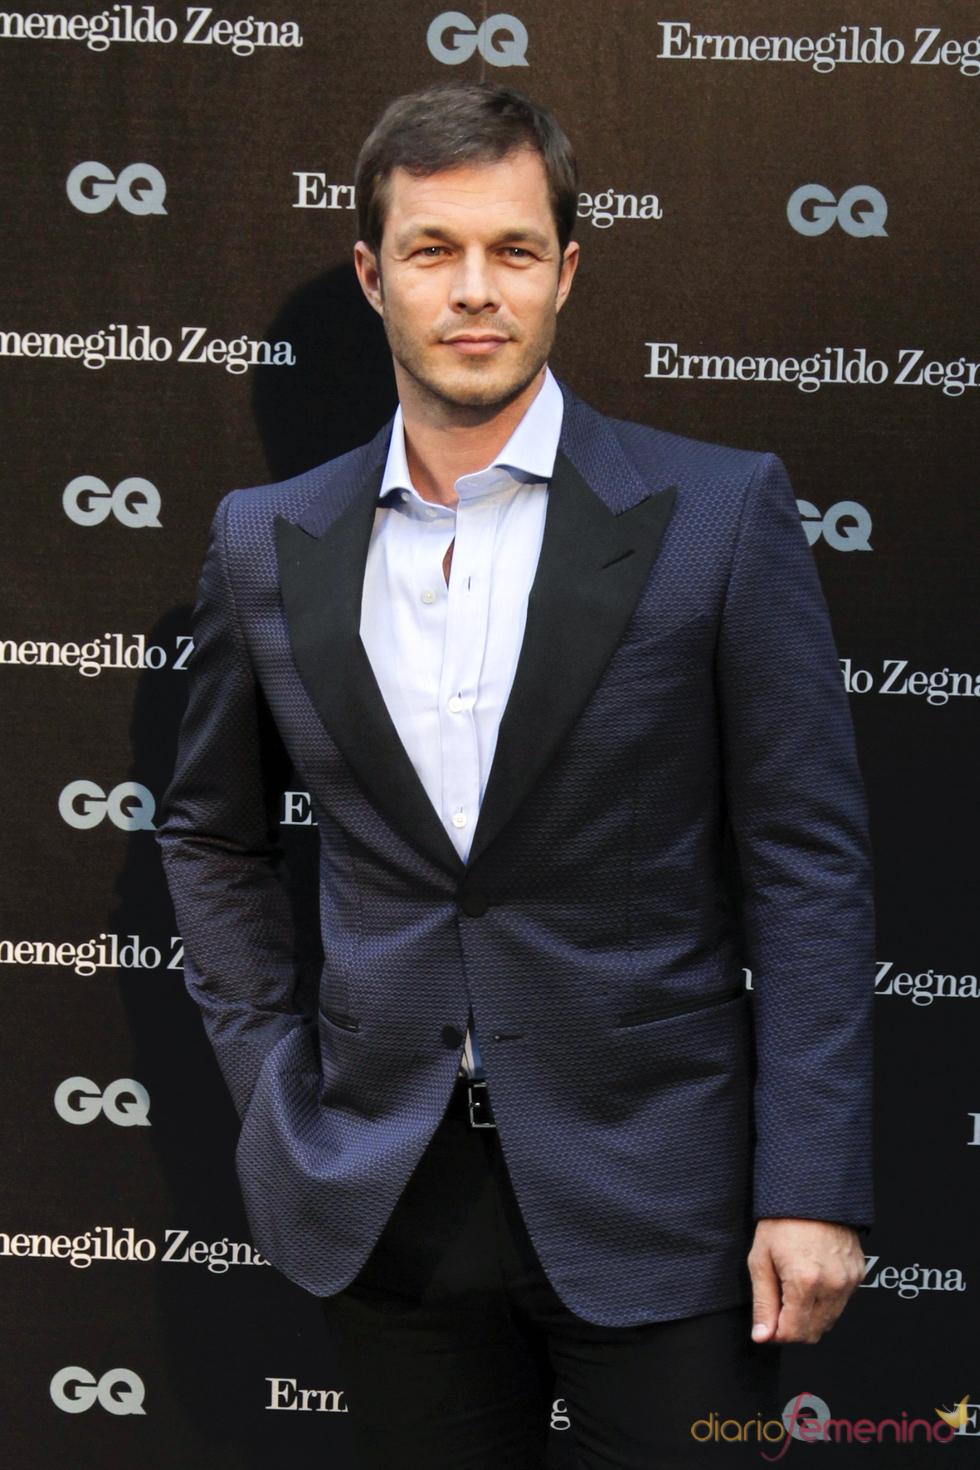 Premios GQ 2010: Paul Sculfor